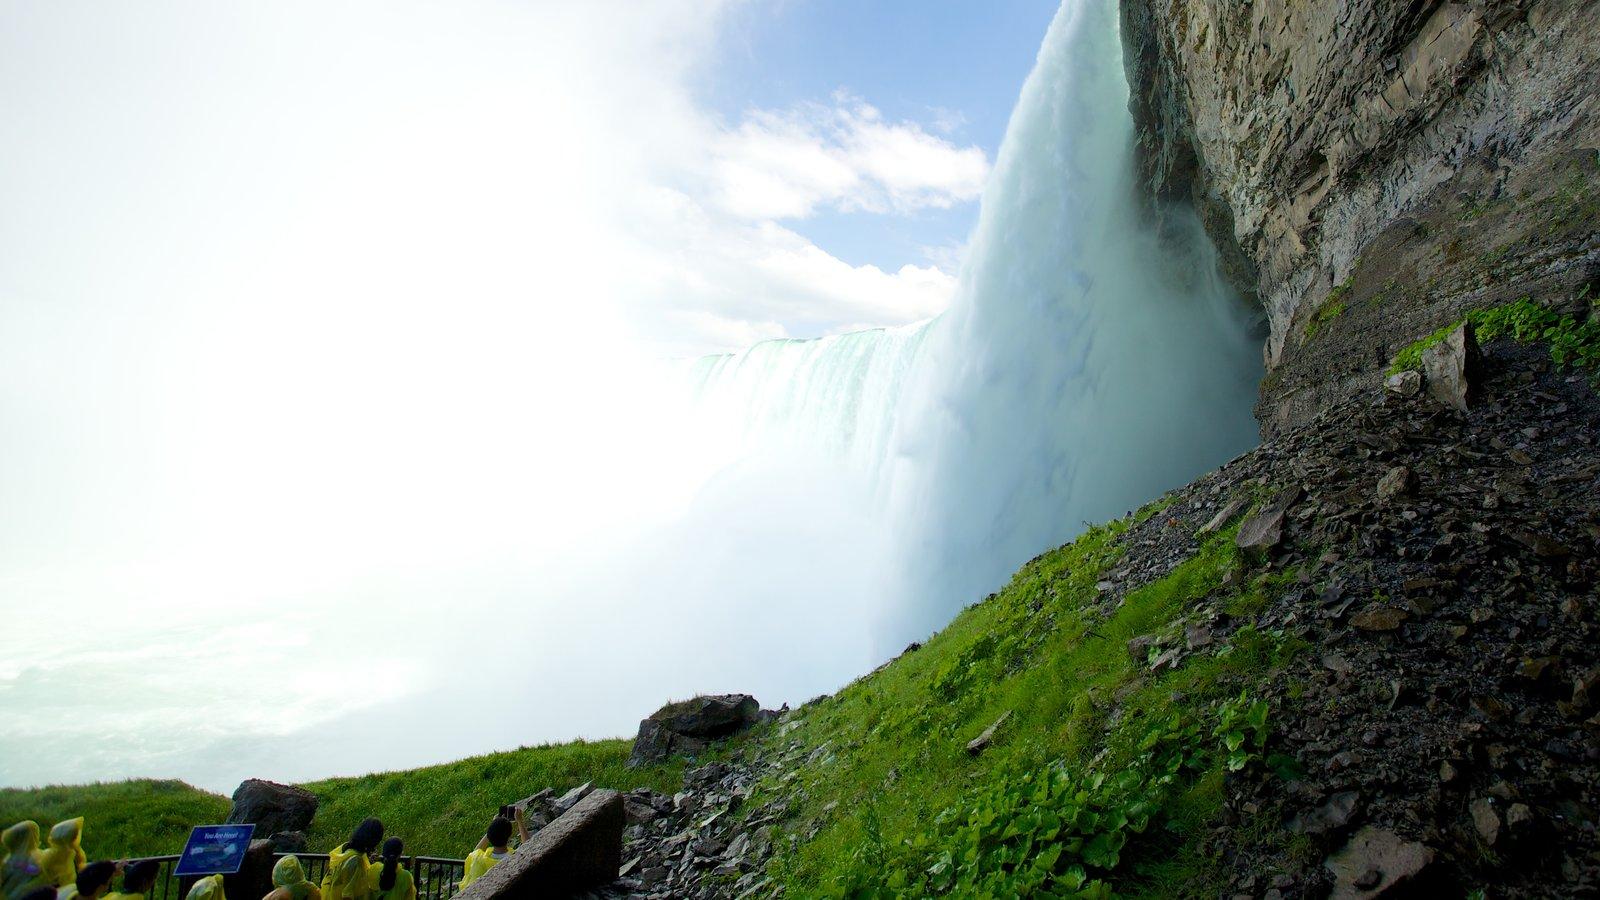 Journey Behind The Falls mostrando paisagens e uma cachoeira